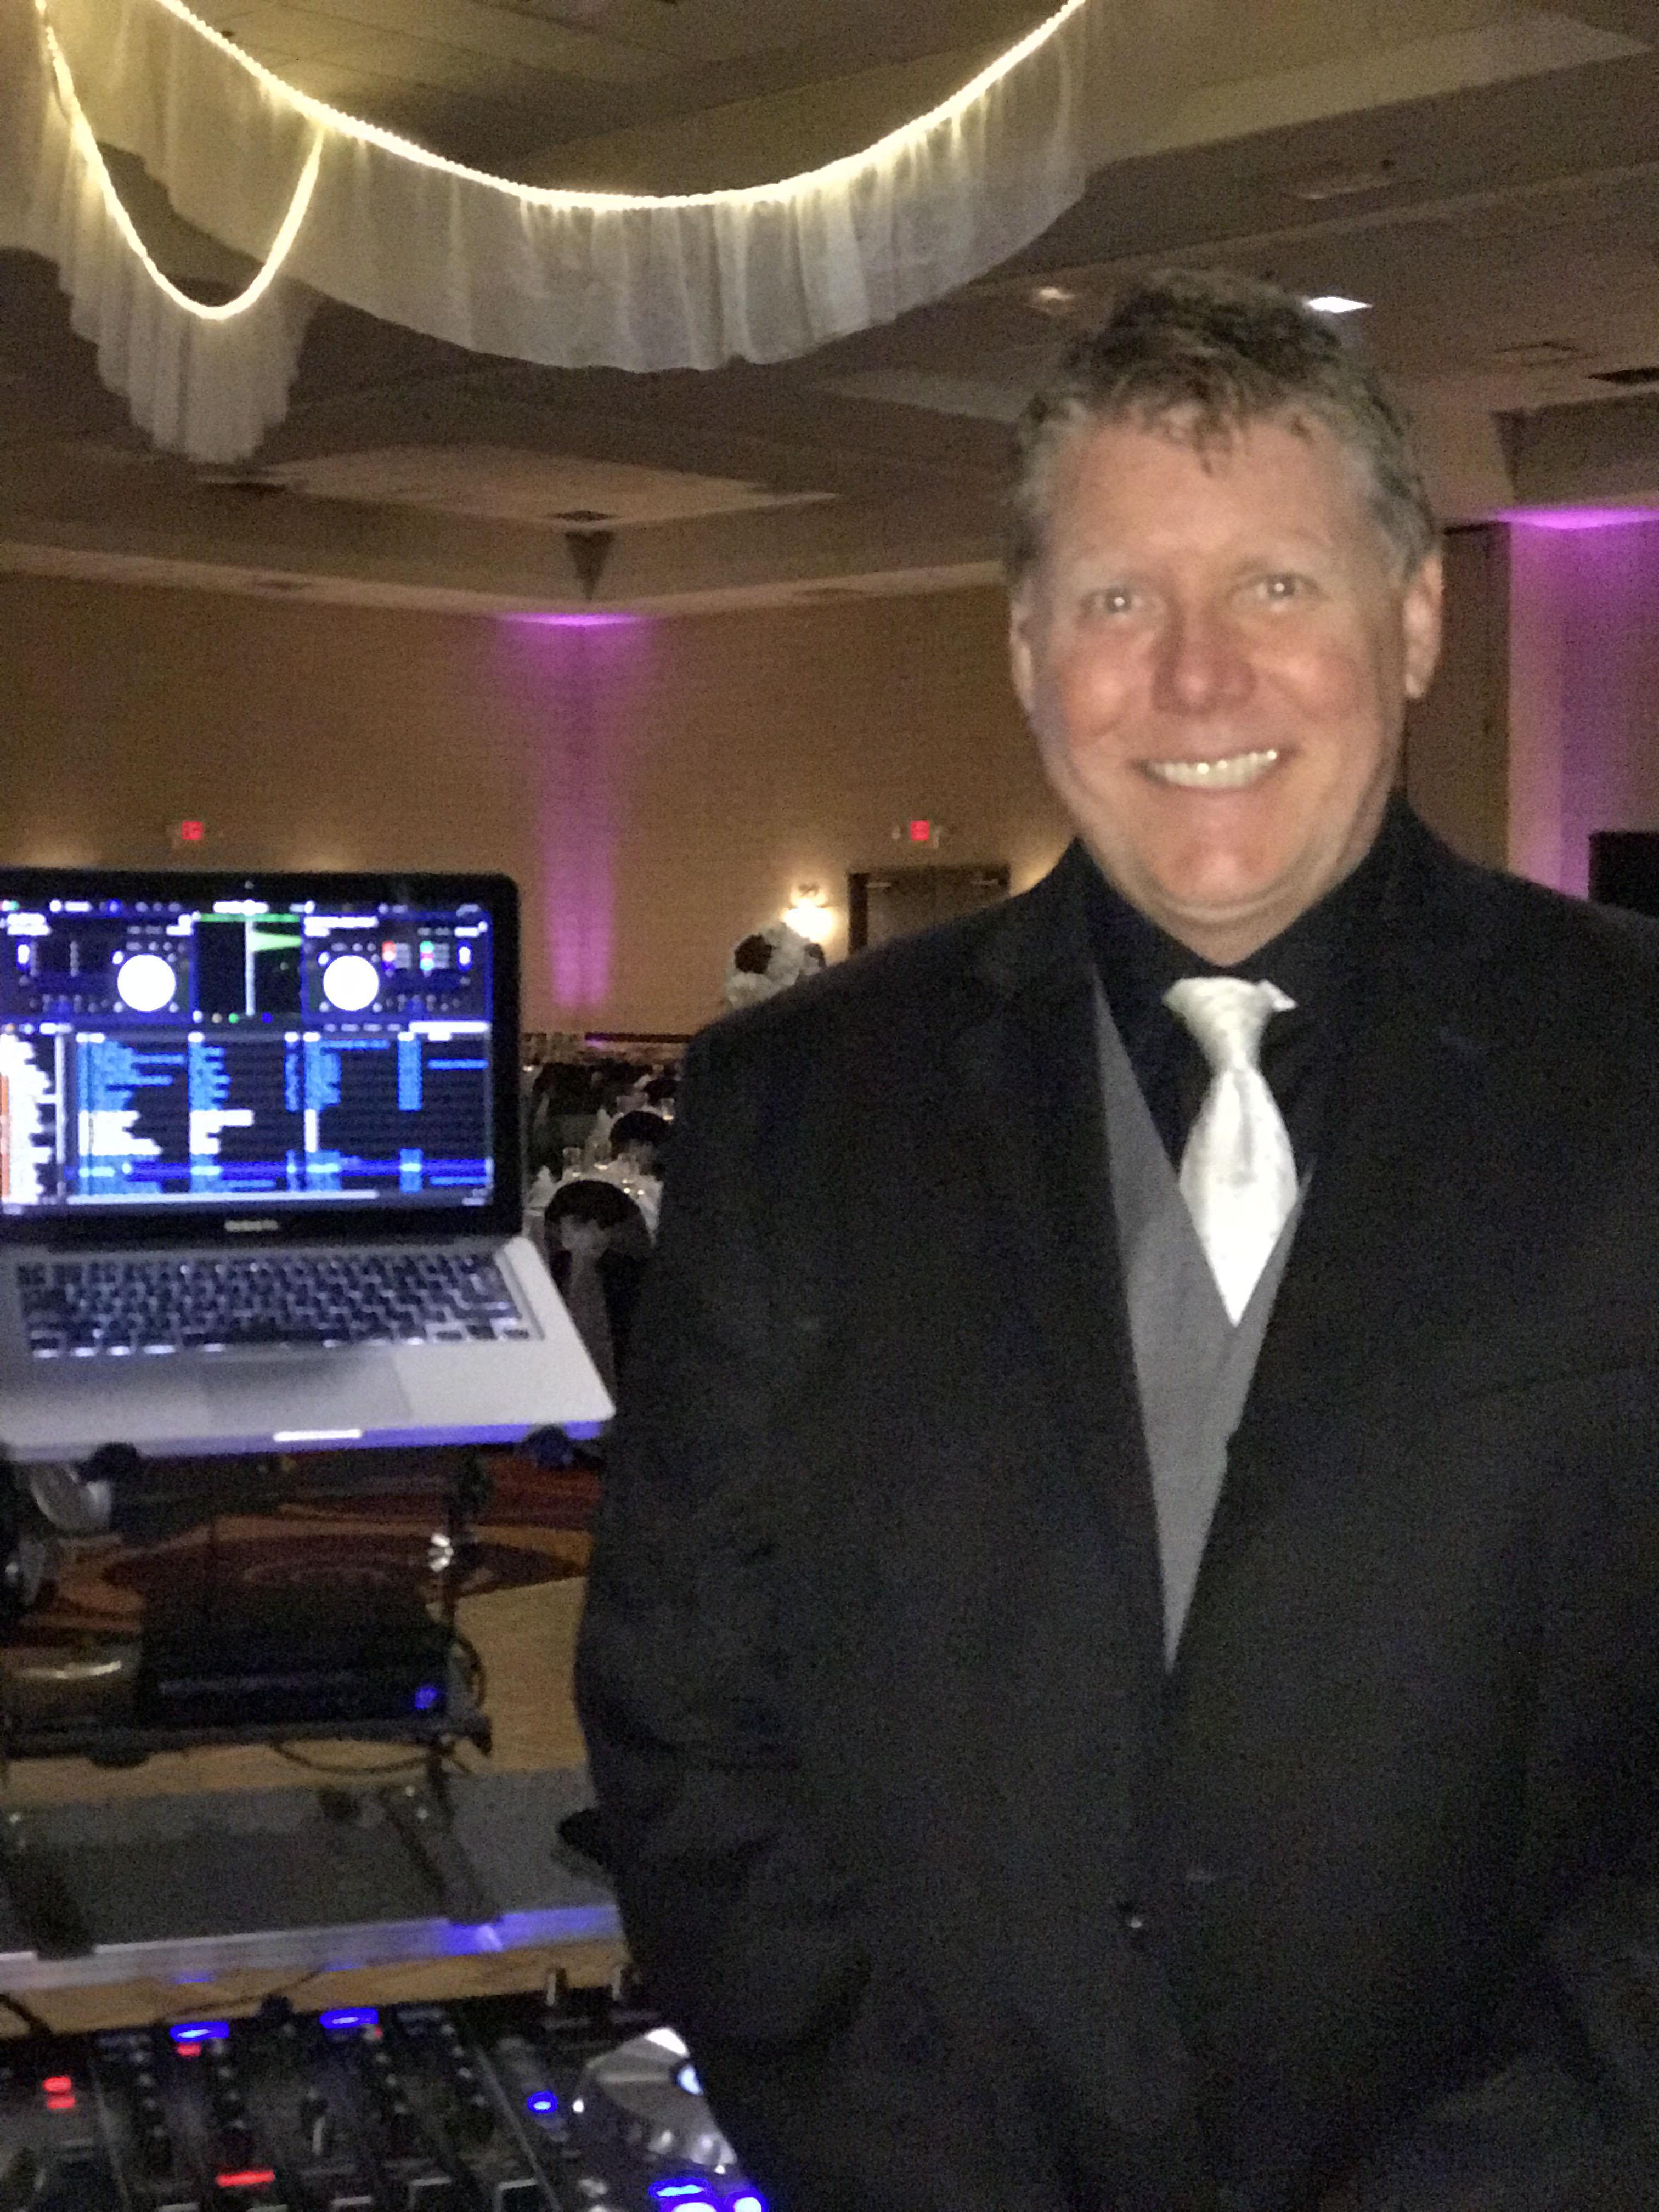 dj standing in front of equipment